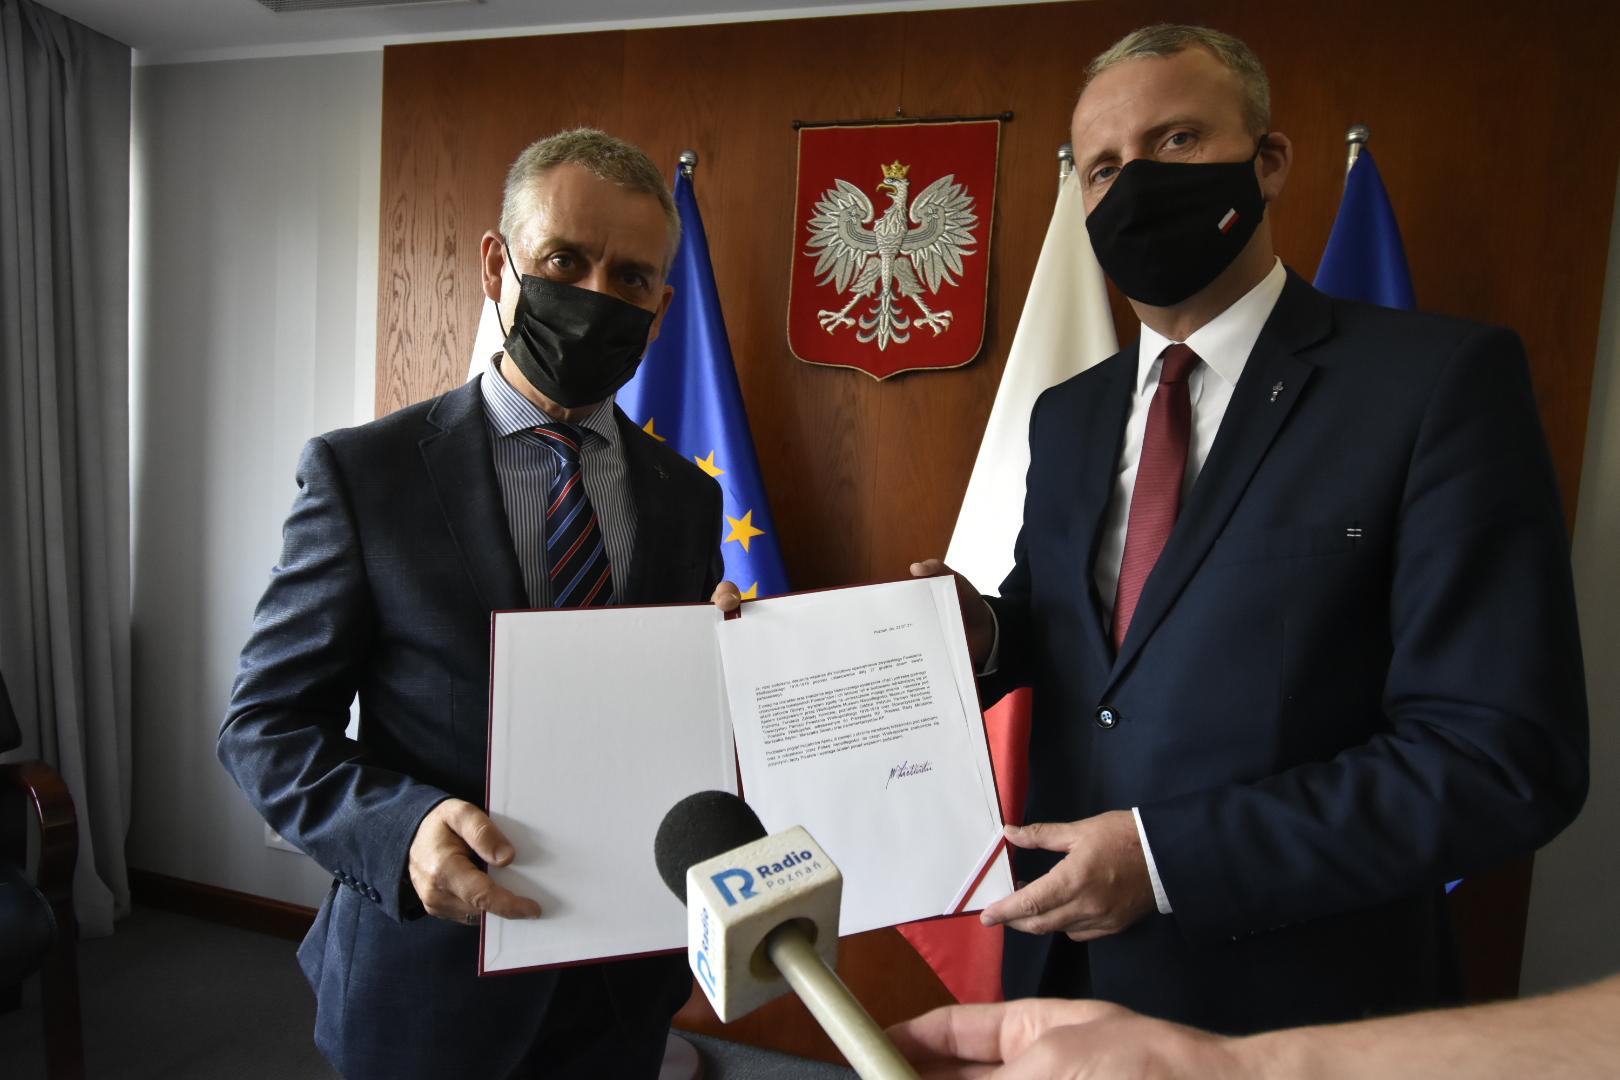 Wojewoda popiera ideę ustanowienia 27 grudnia świętem państwowym - Wojtek Wardejn